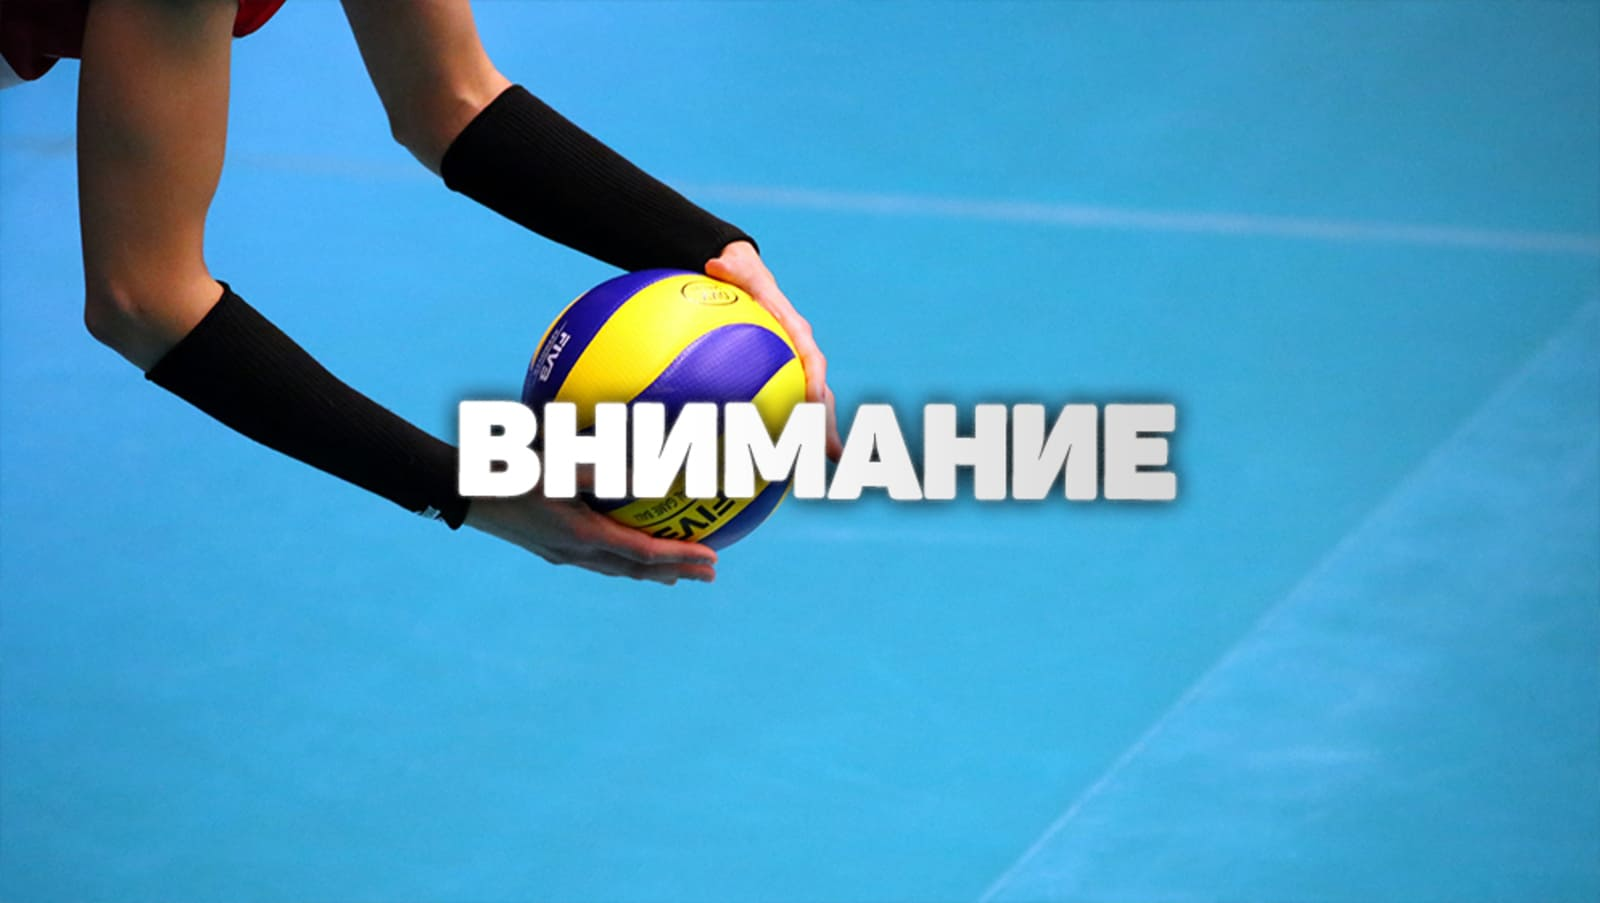 Внимание в волейболе